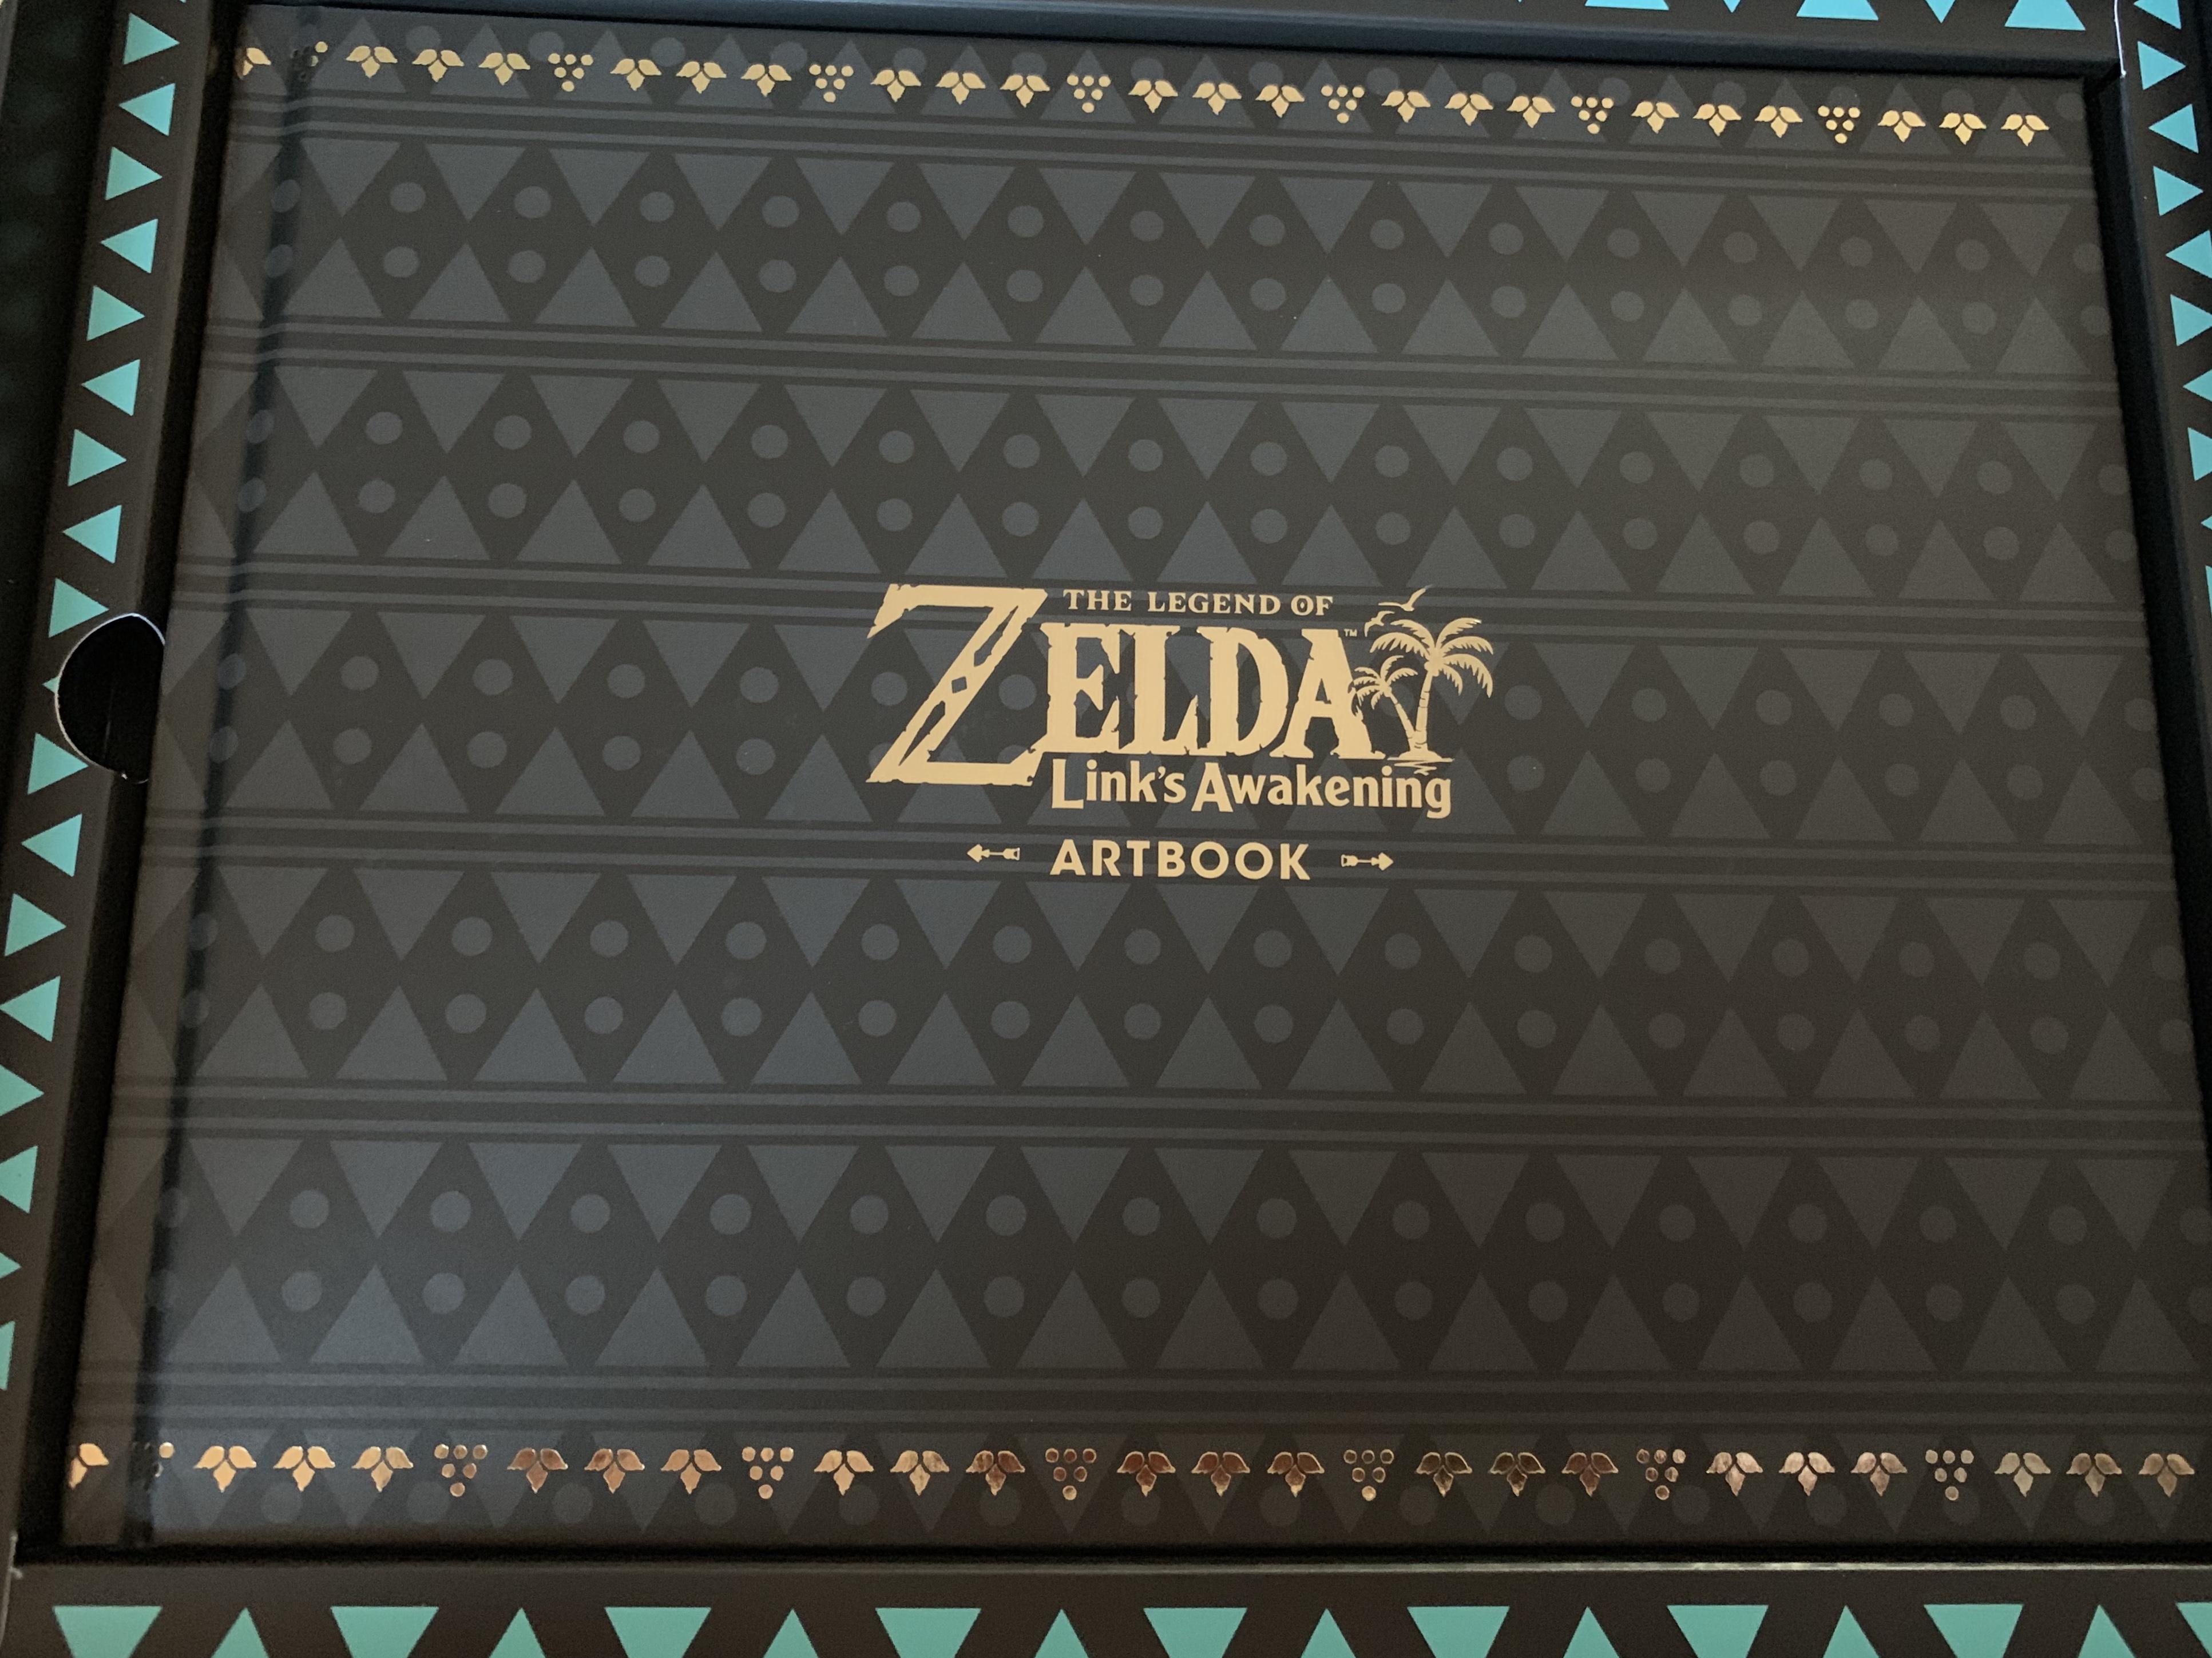 The Legend Of Zelda Link S Awakening What S In The Box Gamer Geeks Uk